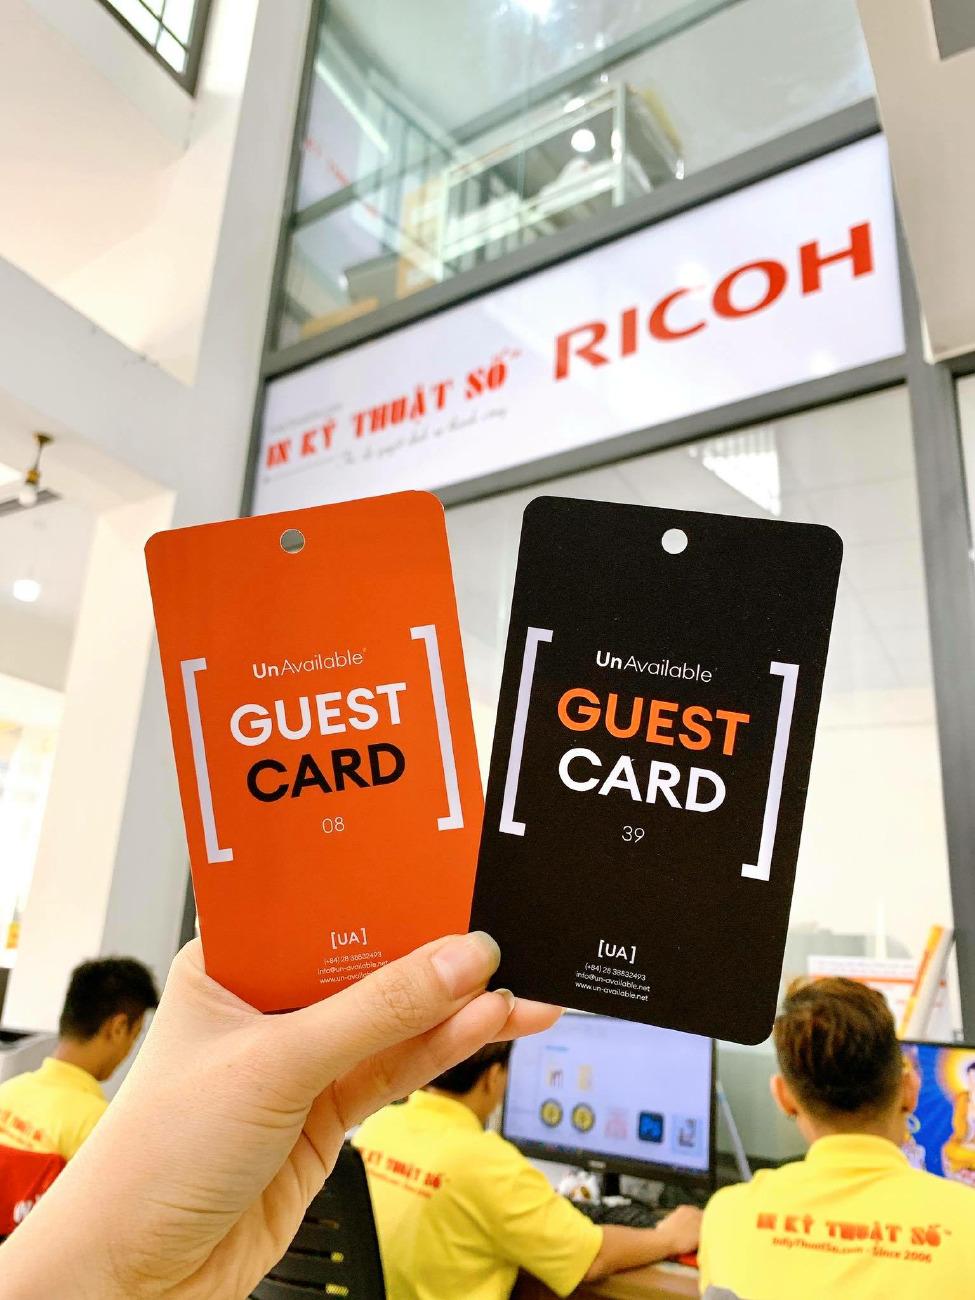 In thẻ ra vào công ty, in thẻ chung cư, in thẻ ra vào tòa nhà